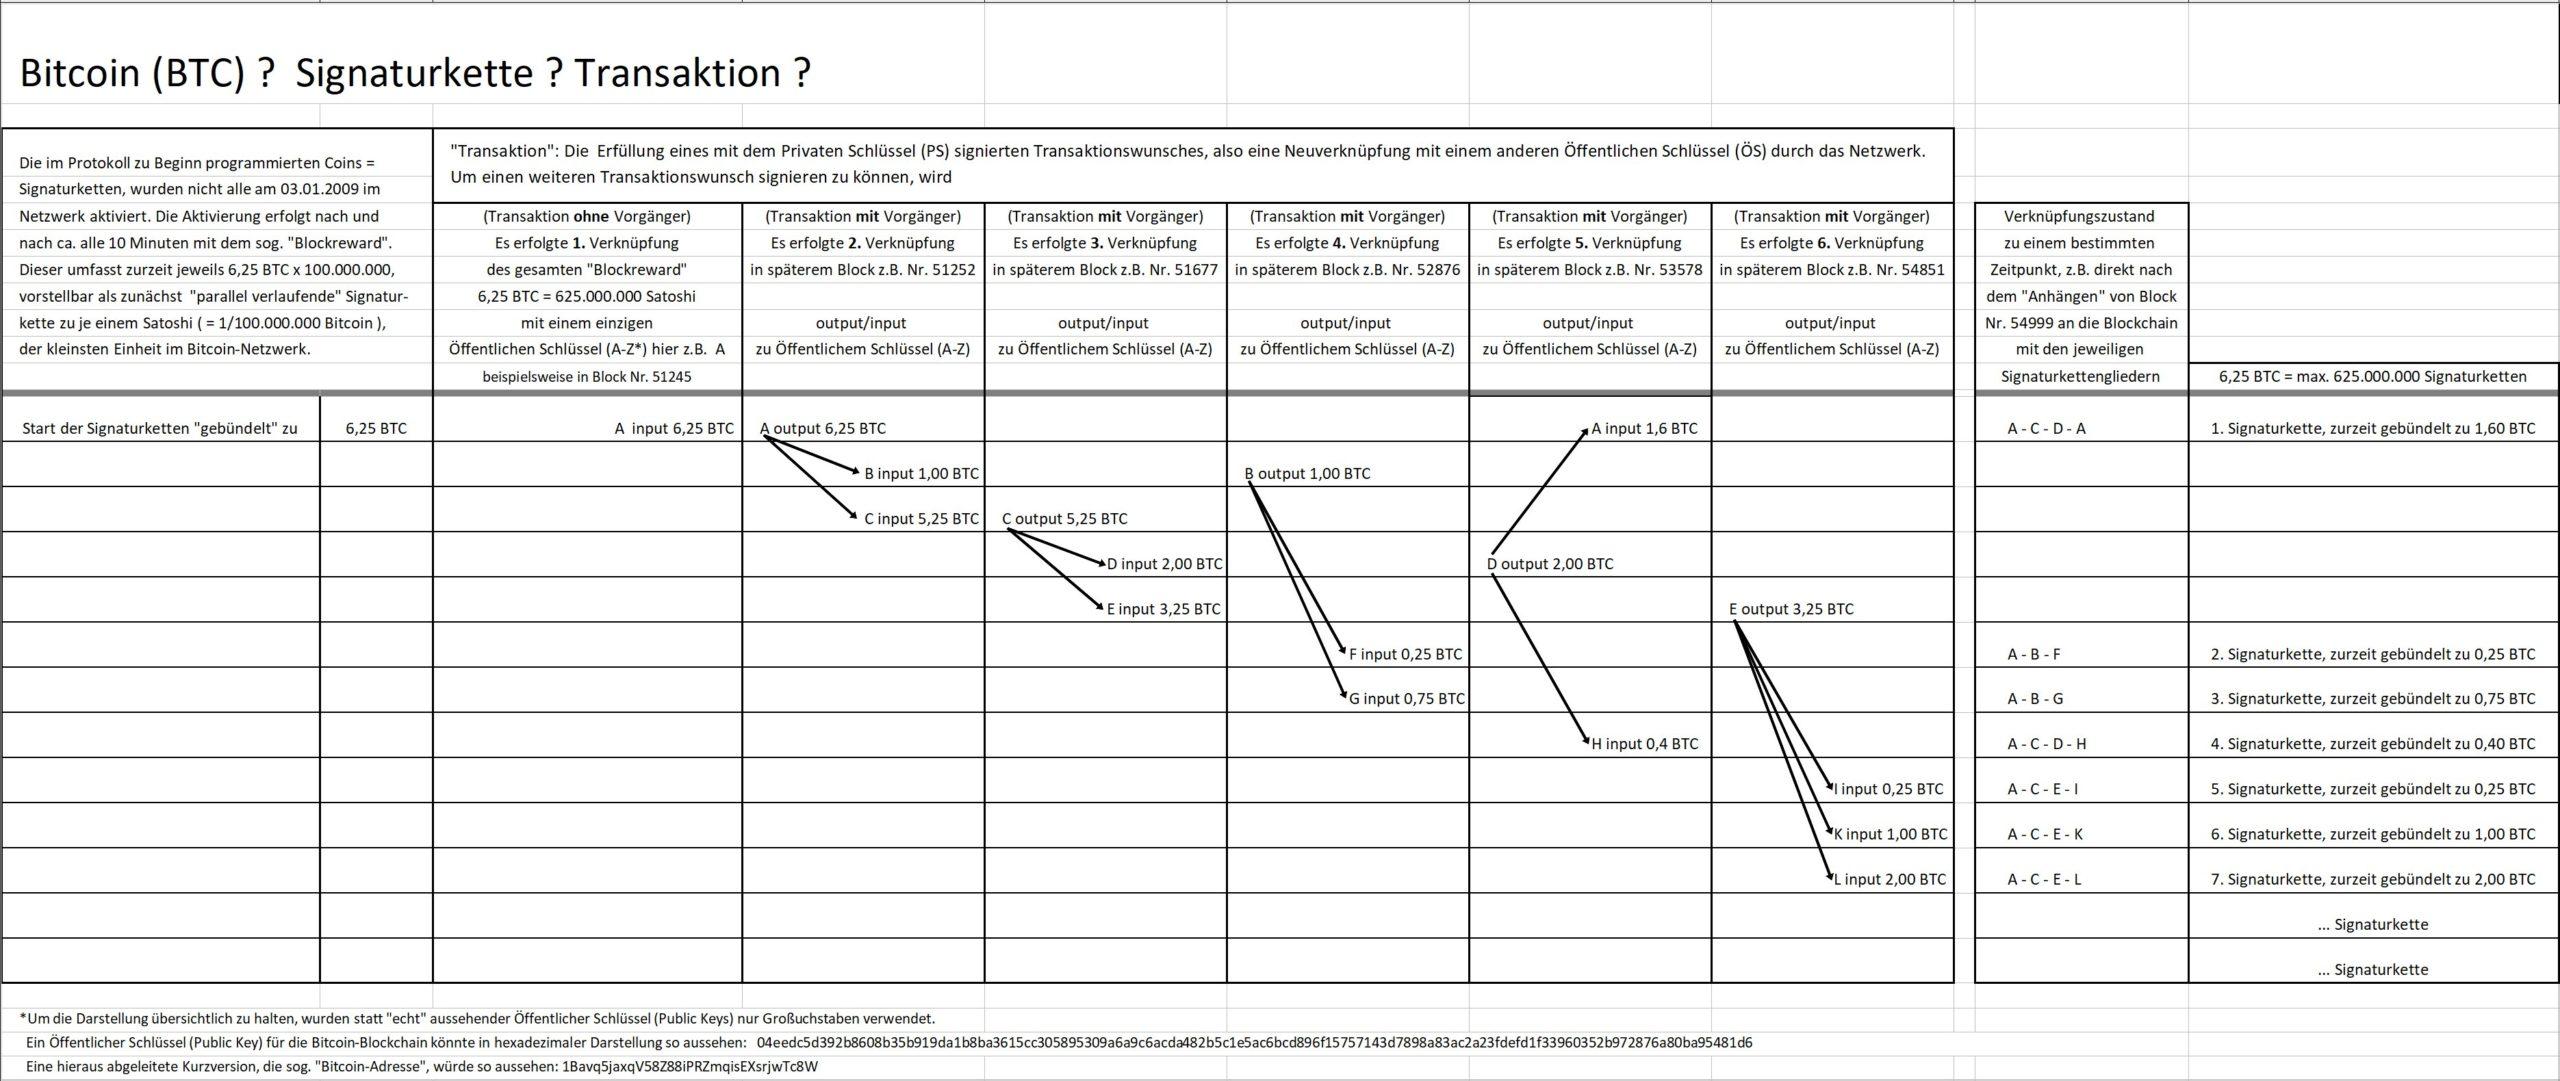 Grafik Bitcoin als Signaturkette